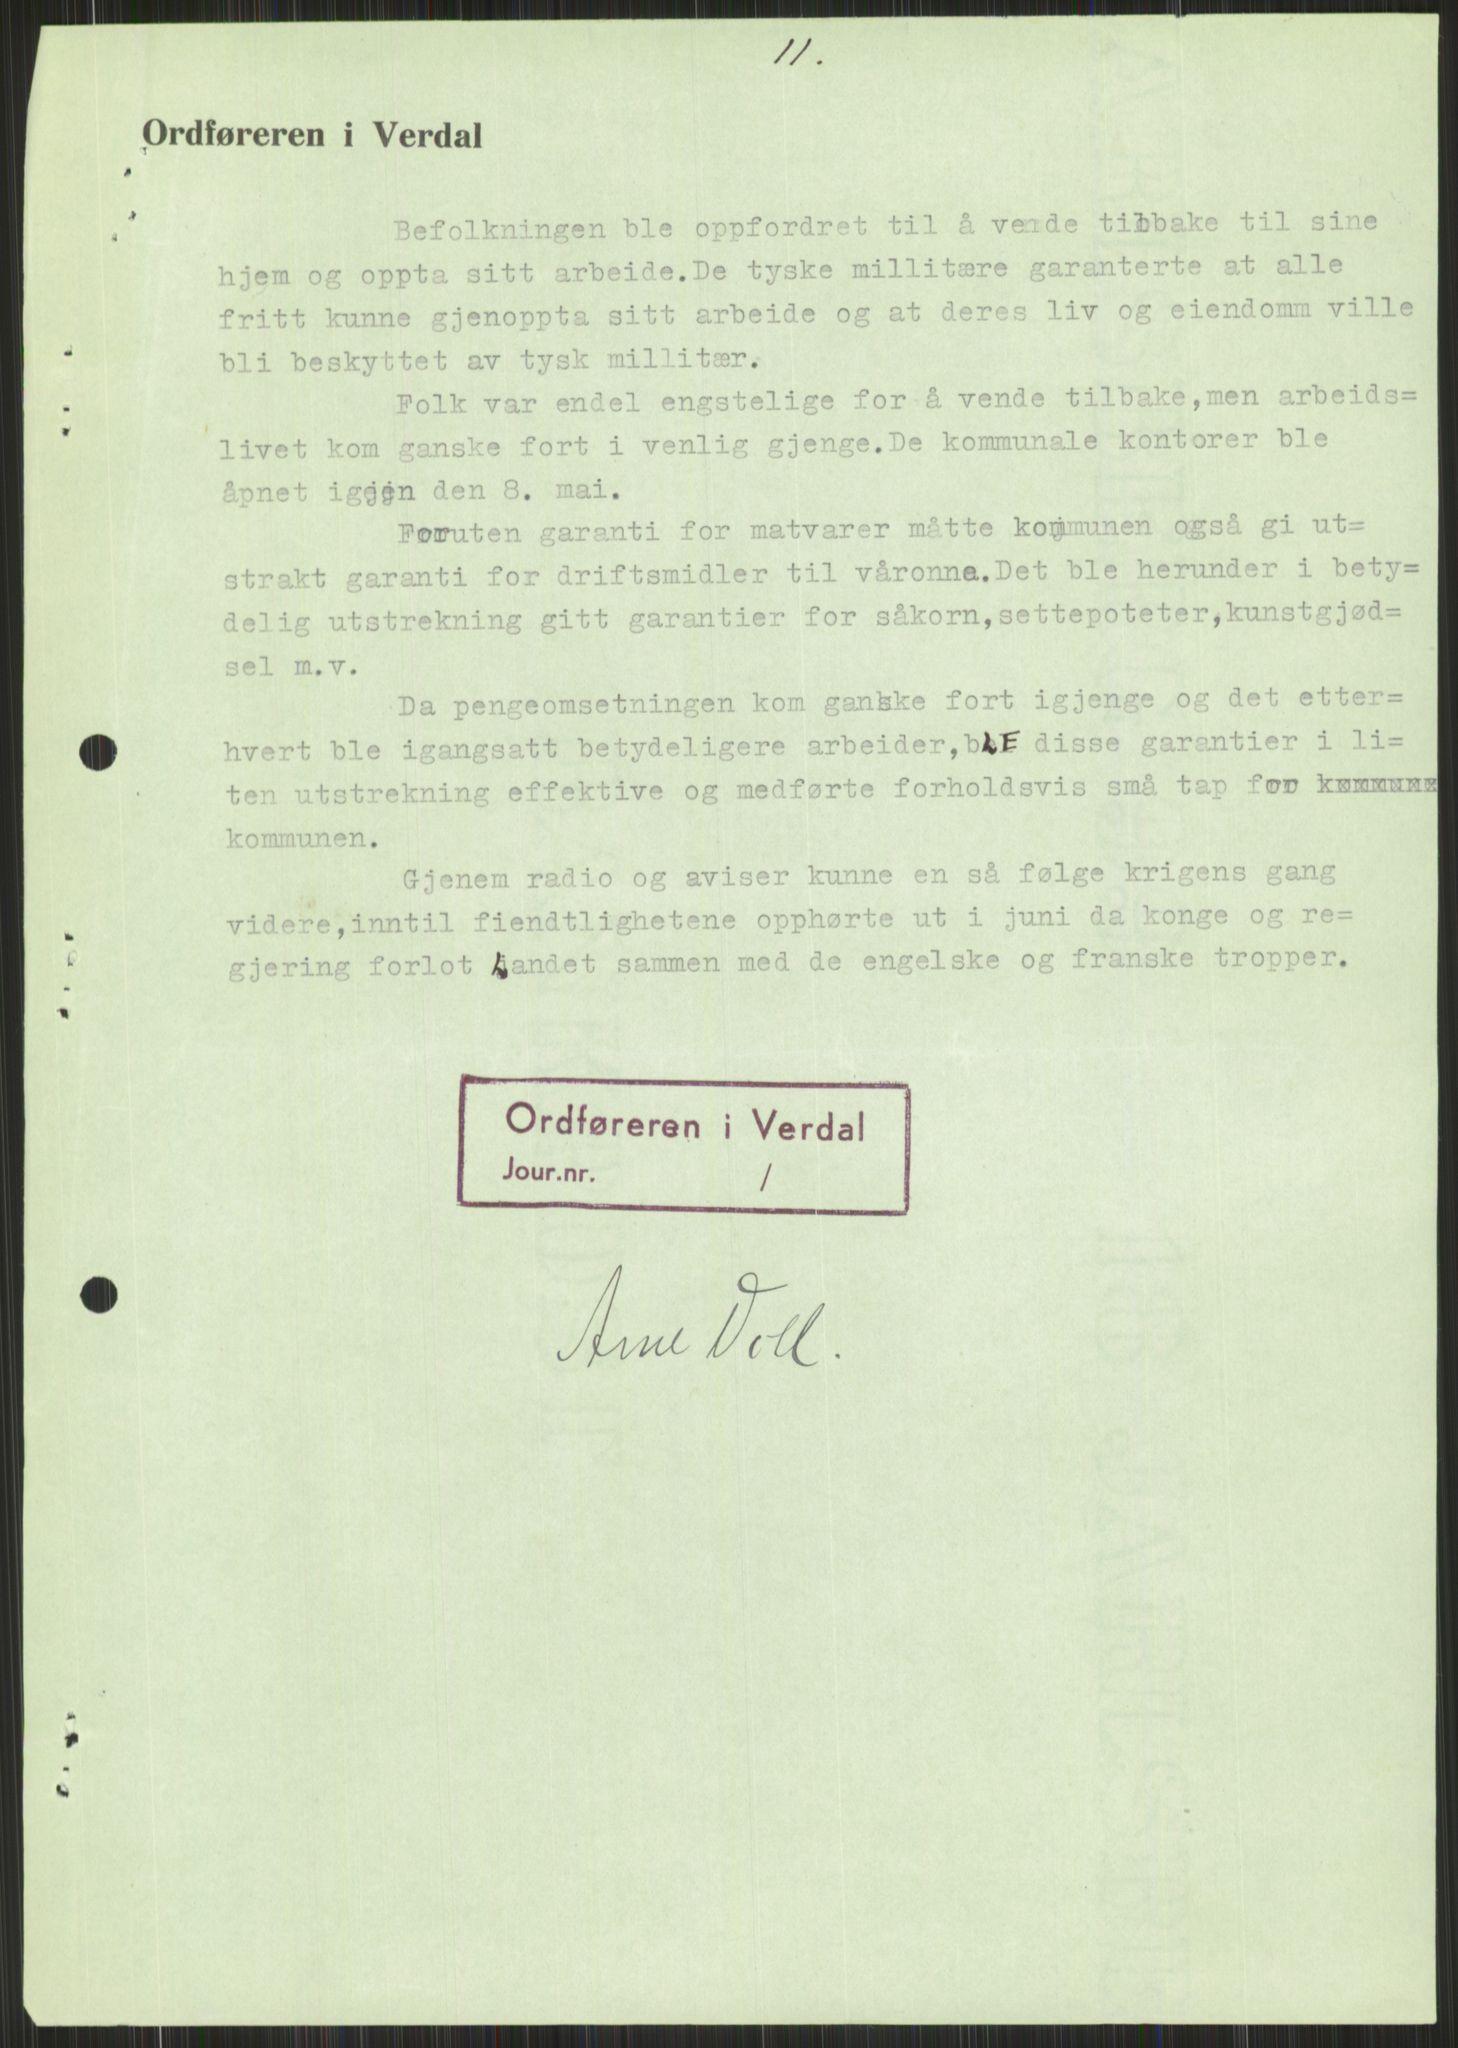 RA, Forsvaret, Forsvarets krigshistoriske avdeling, Y/Ya/L0016: II-C-11-31 - Fylkesmenn.  Rapporter om krigsbegivenhetene 1940., 1940, p. 603